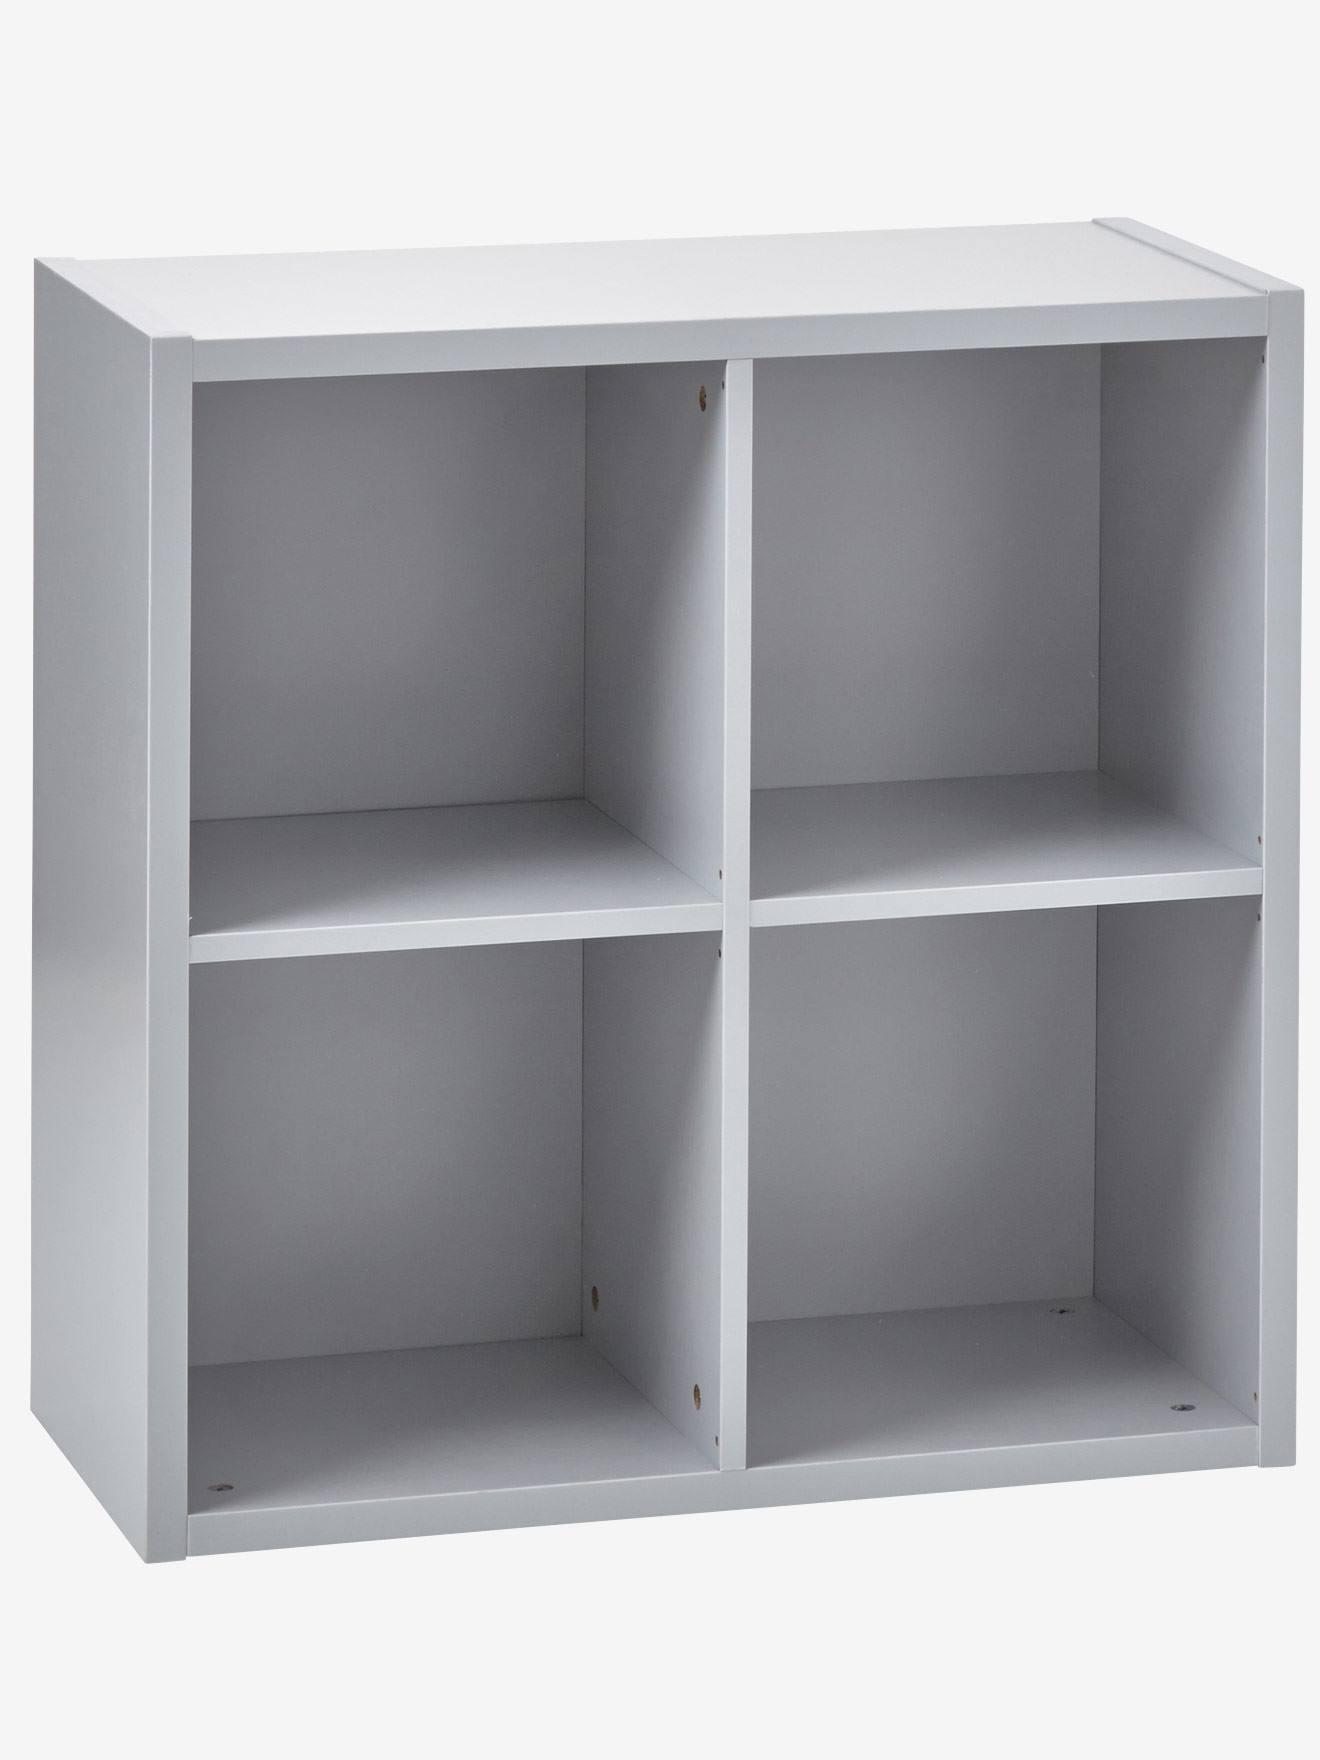 Meuble De Rangement 4 Cases Blanc+Gris 7   Vertbaudet Enfant